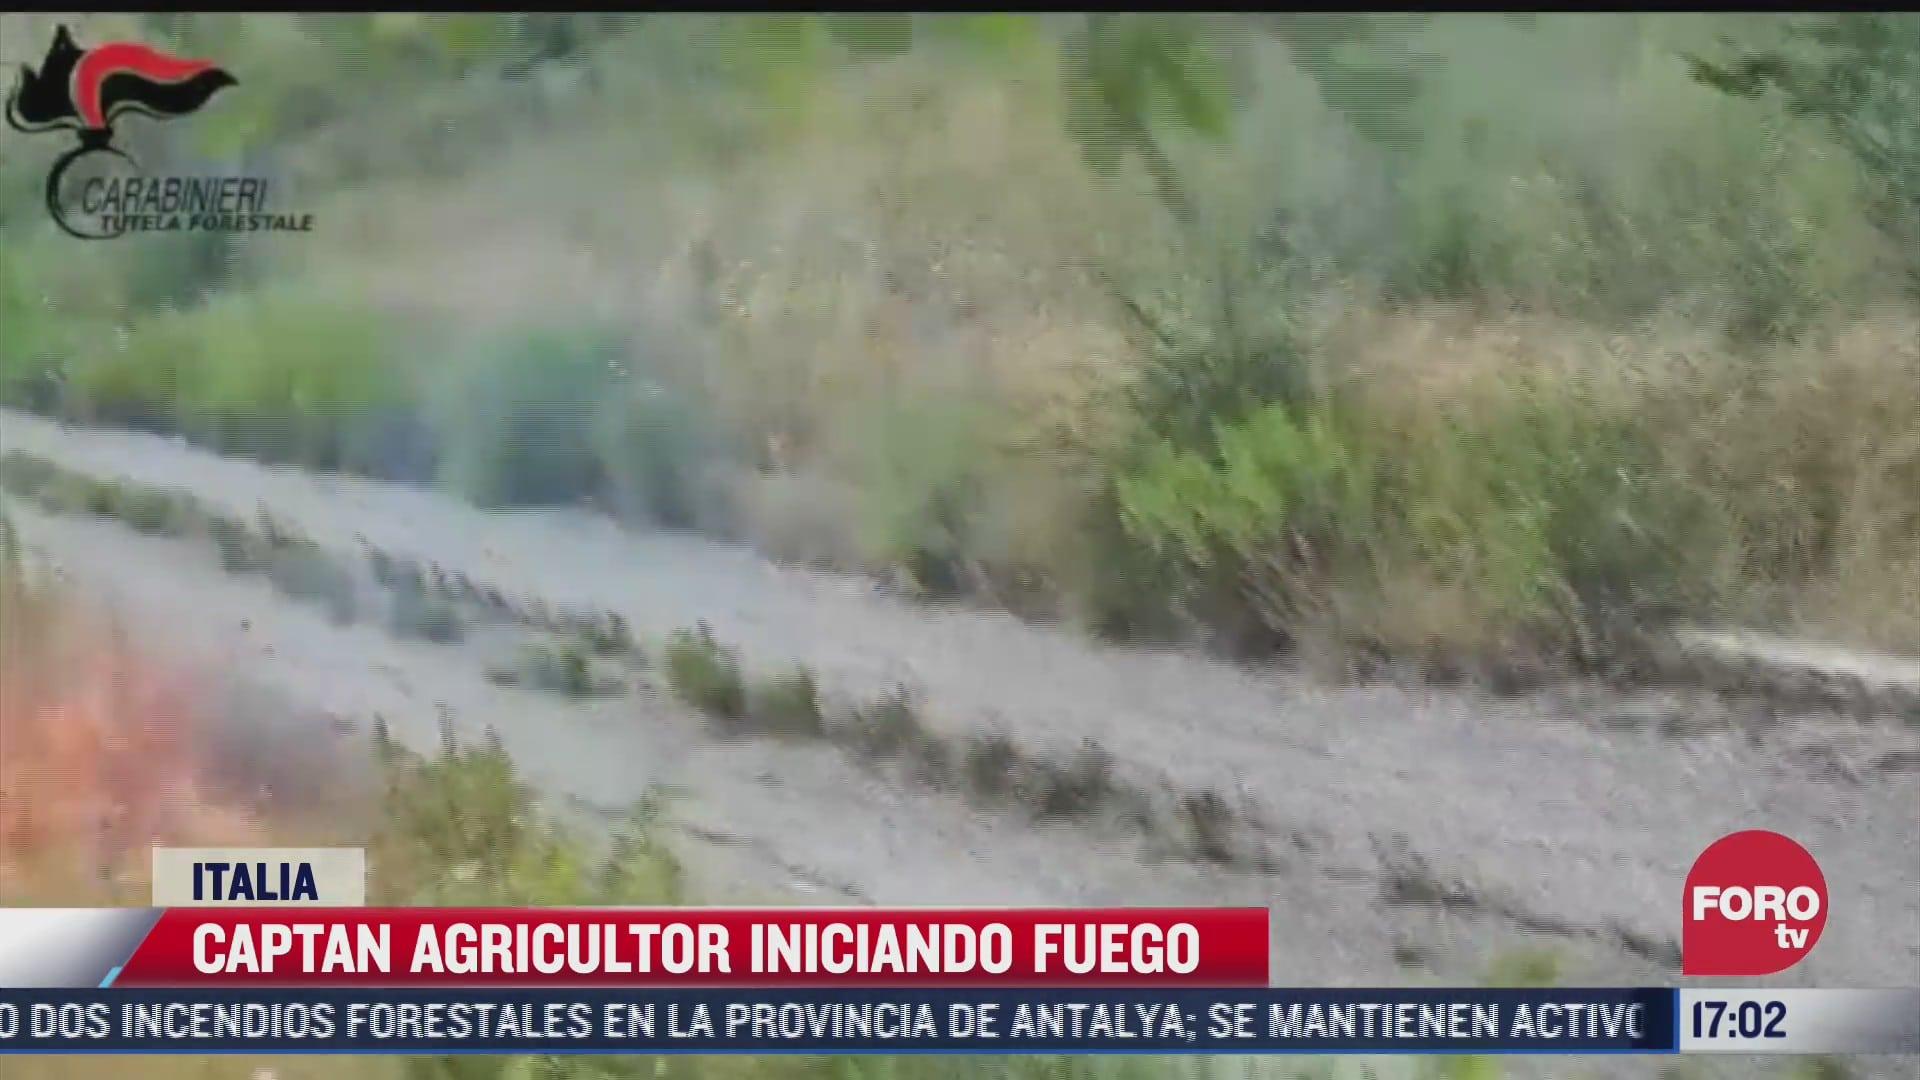 captan agricultor iniciando fuego en italia